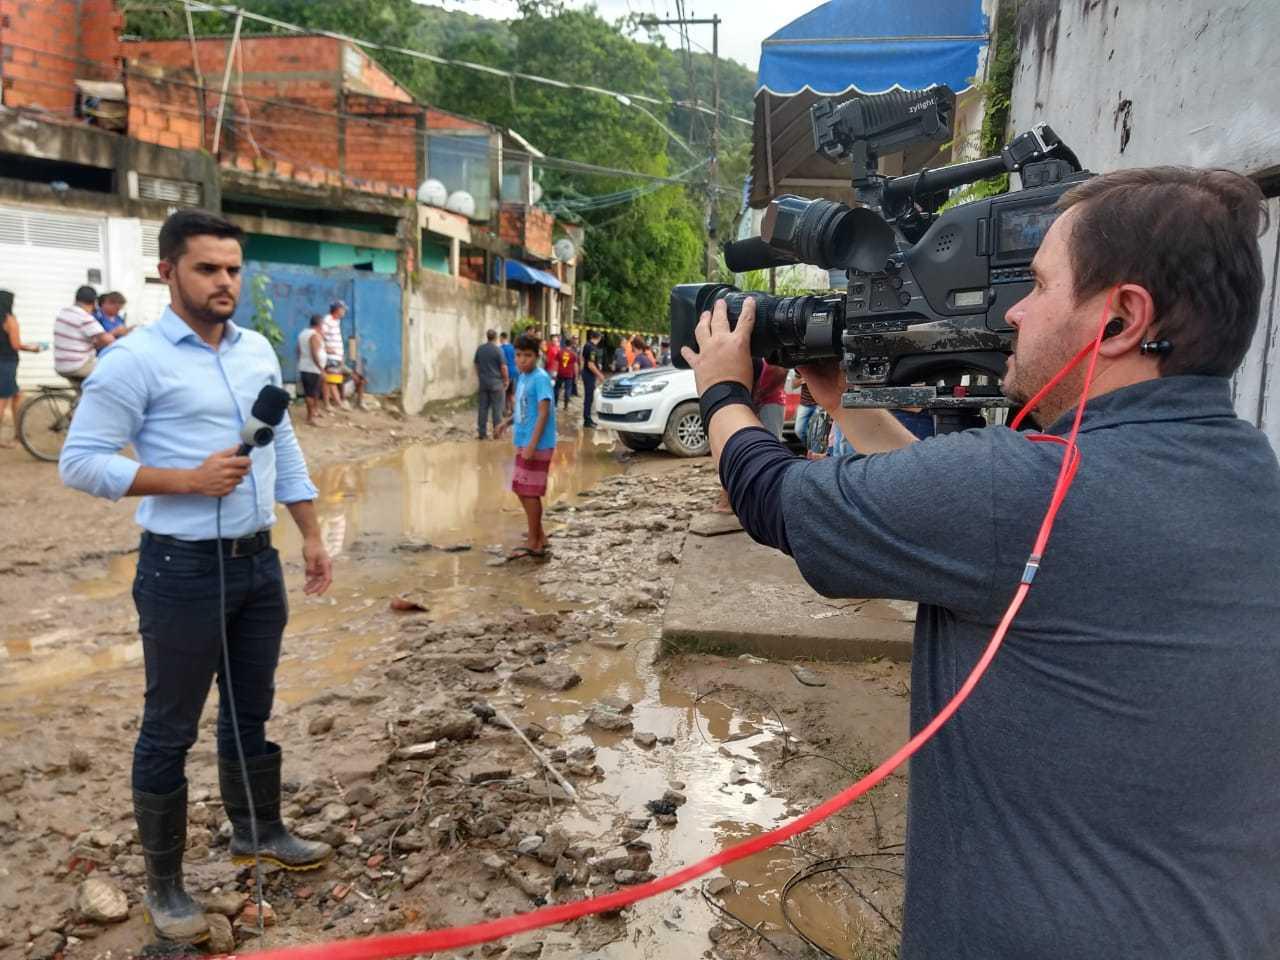 """Repórter cinematográfico Ricardo Bonifácio e eu, posicionados: """"vimos a fragilidade de perto"""""""